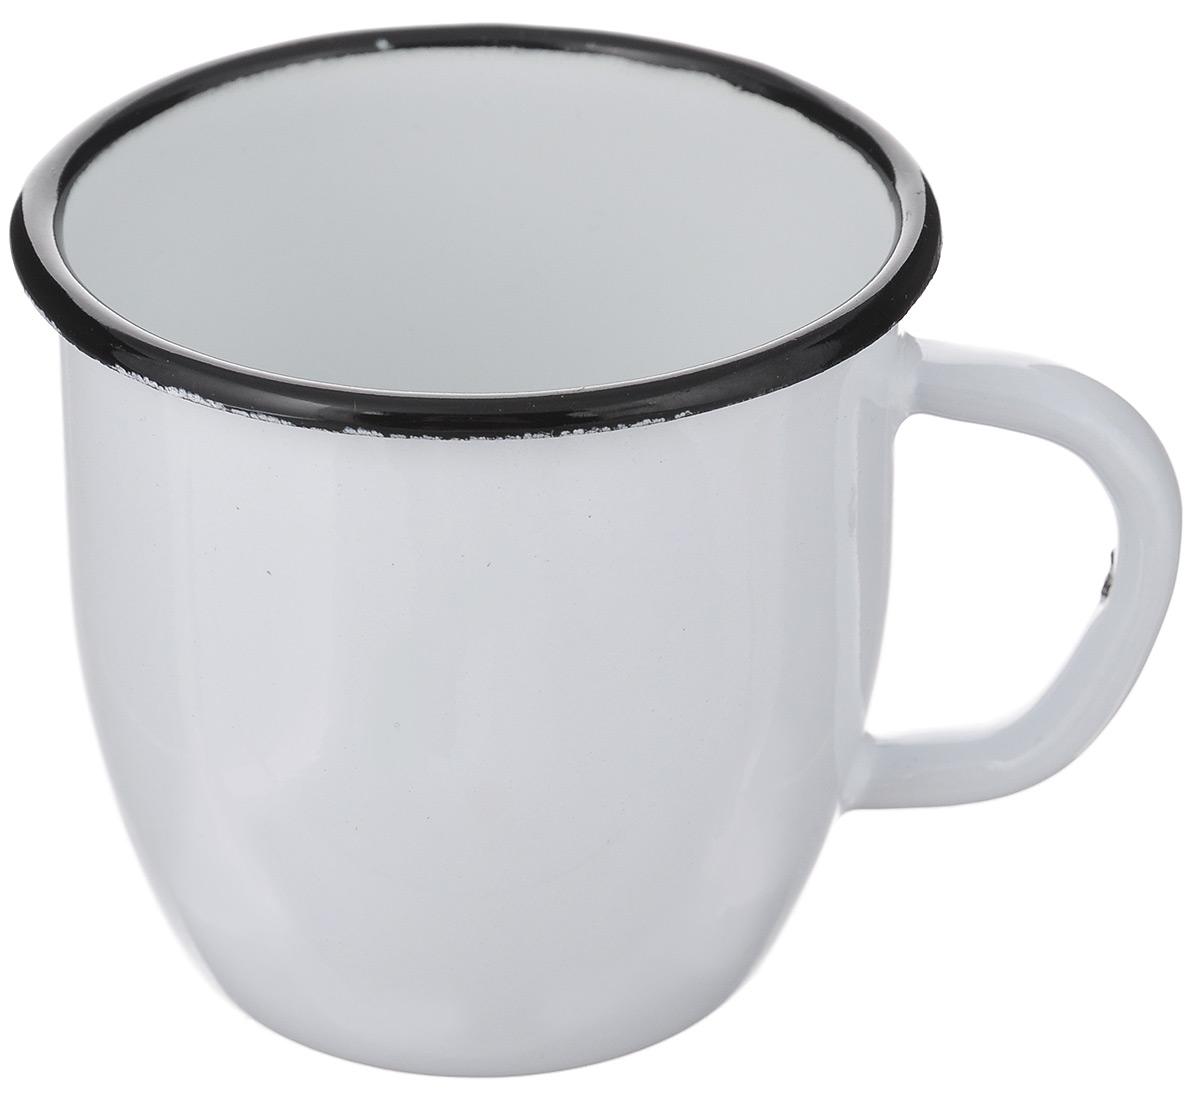 Кружка эмалированная АК ЛМЗ, цвет: белый, 250 мл оптика на ак 74